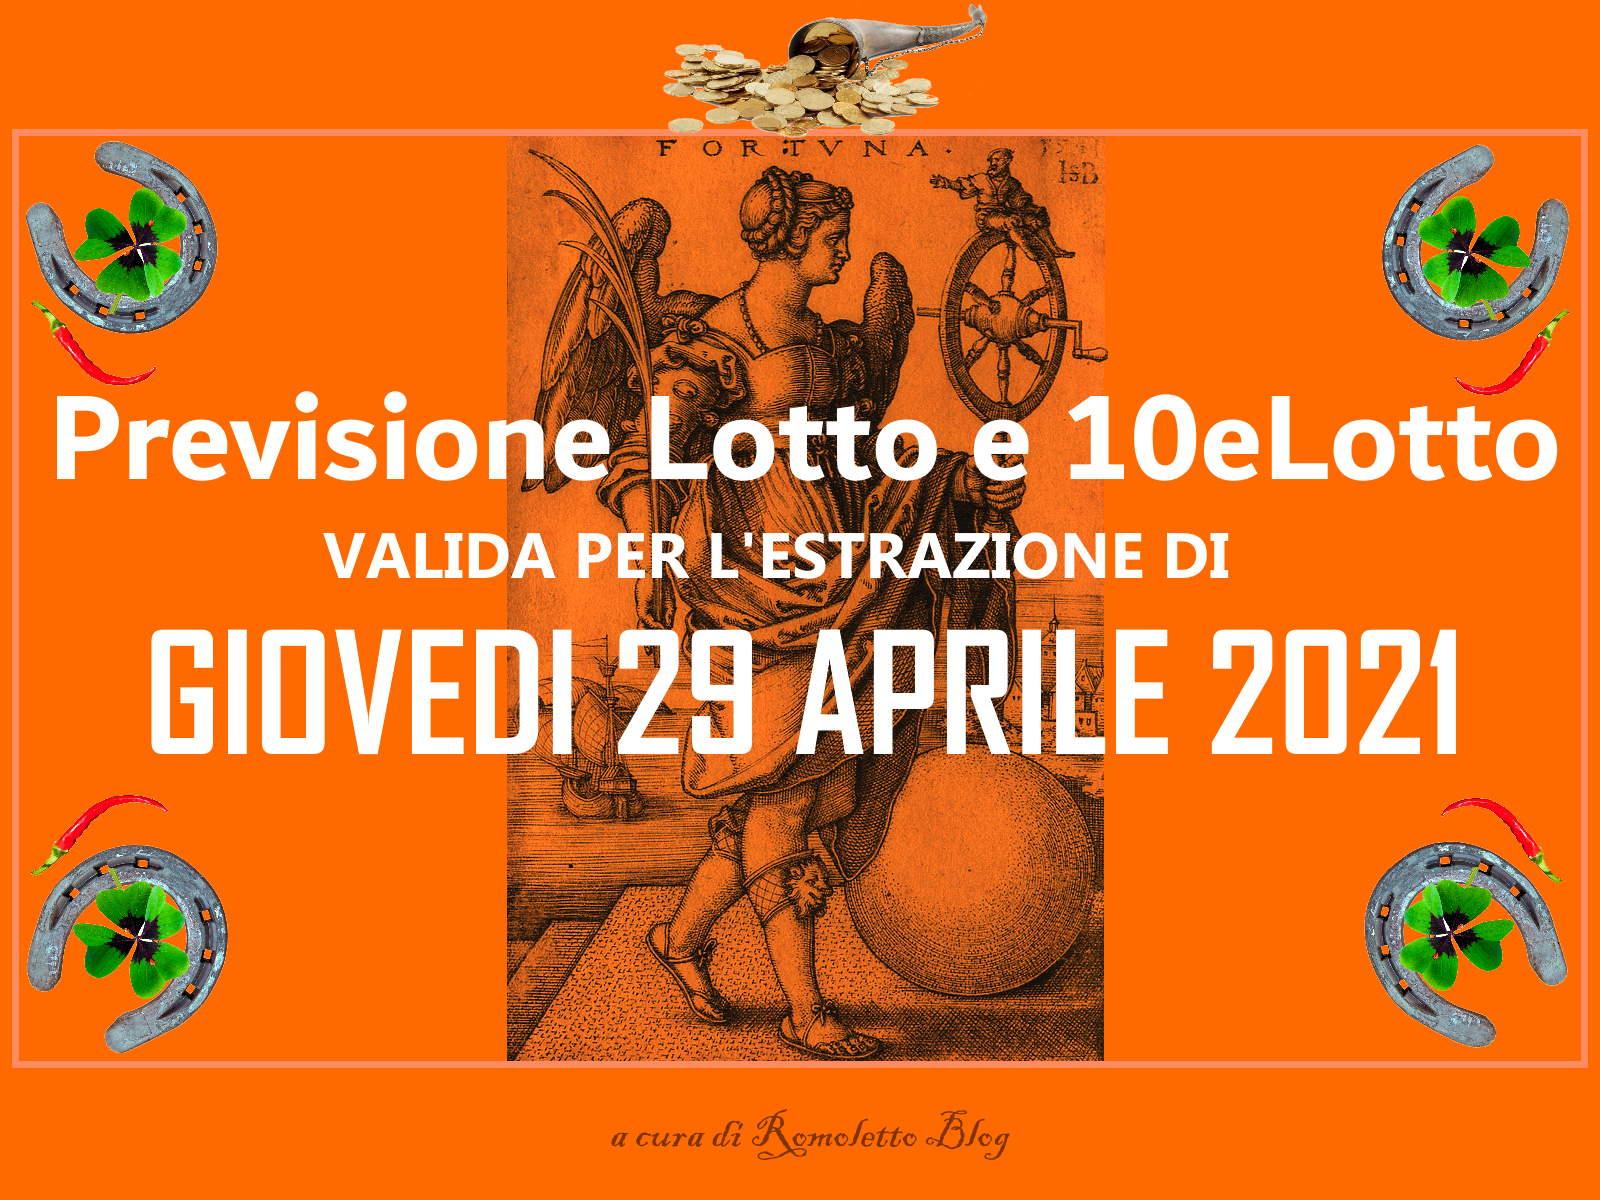 Previsione Lotto 29 Aprile 2021